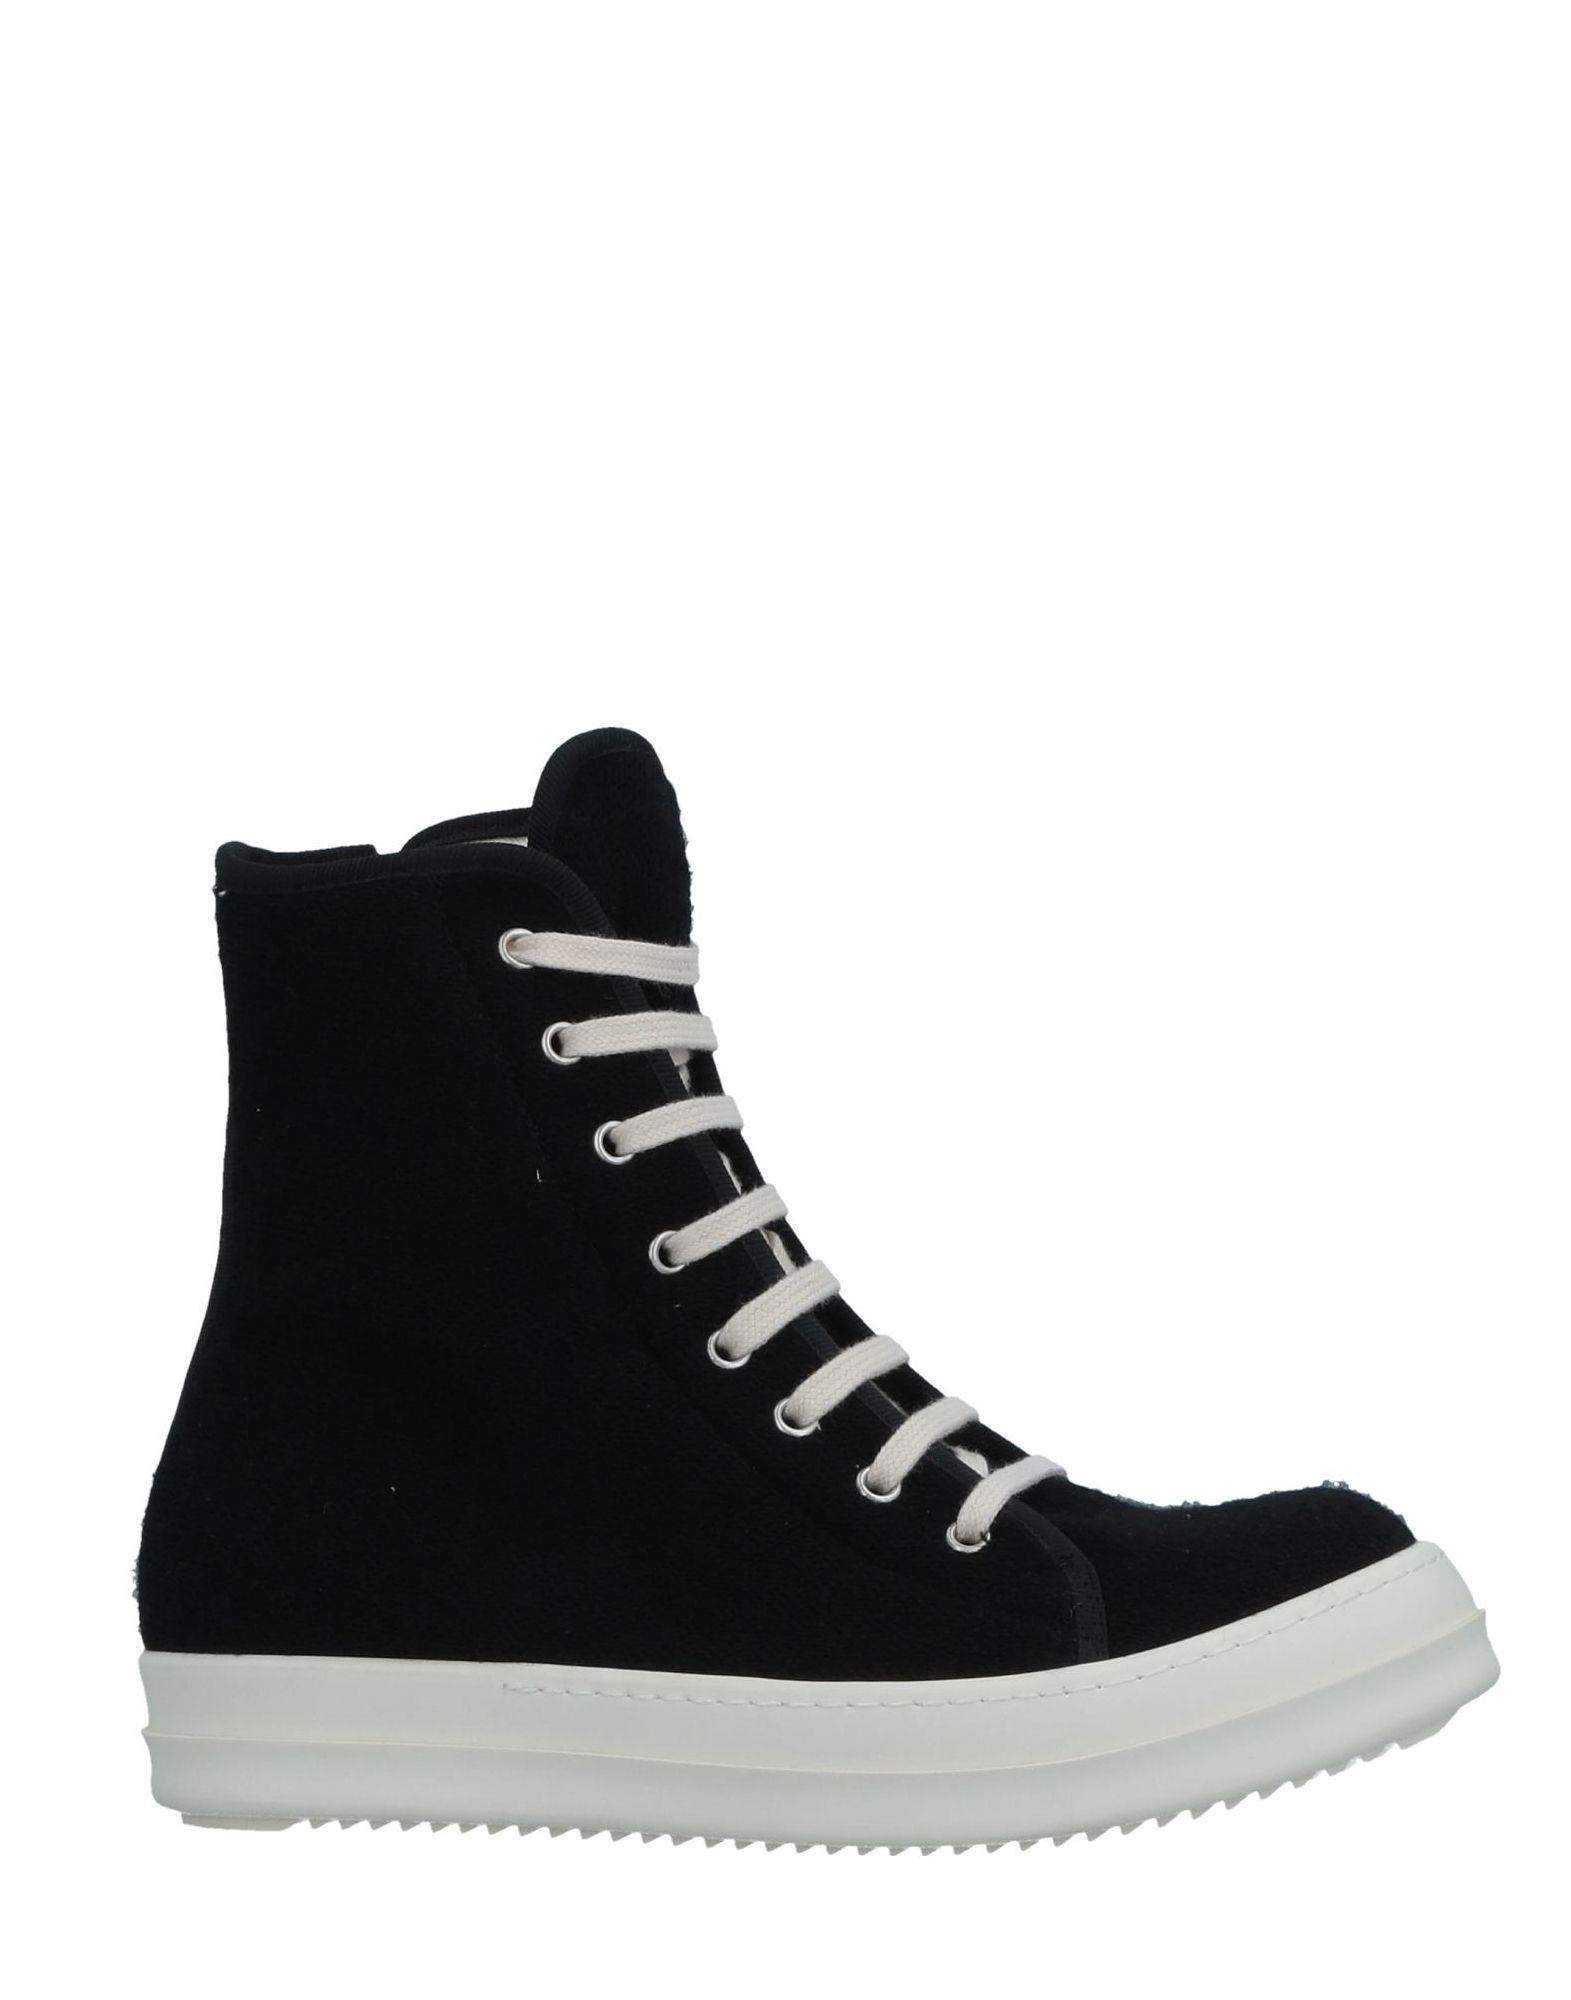 Drkshdw By Rick Owens Sneakers Damen  11518744LPGut aussehende strapazierfähige Schuhe